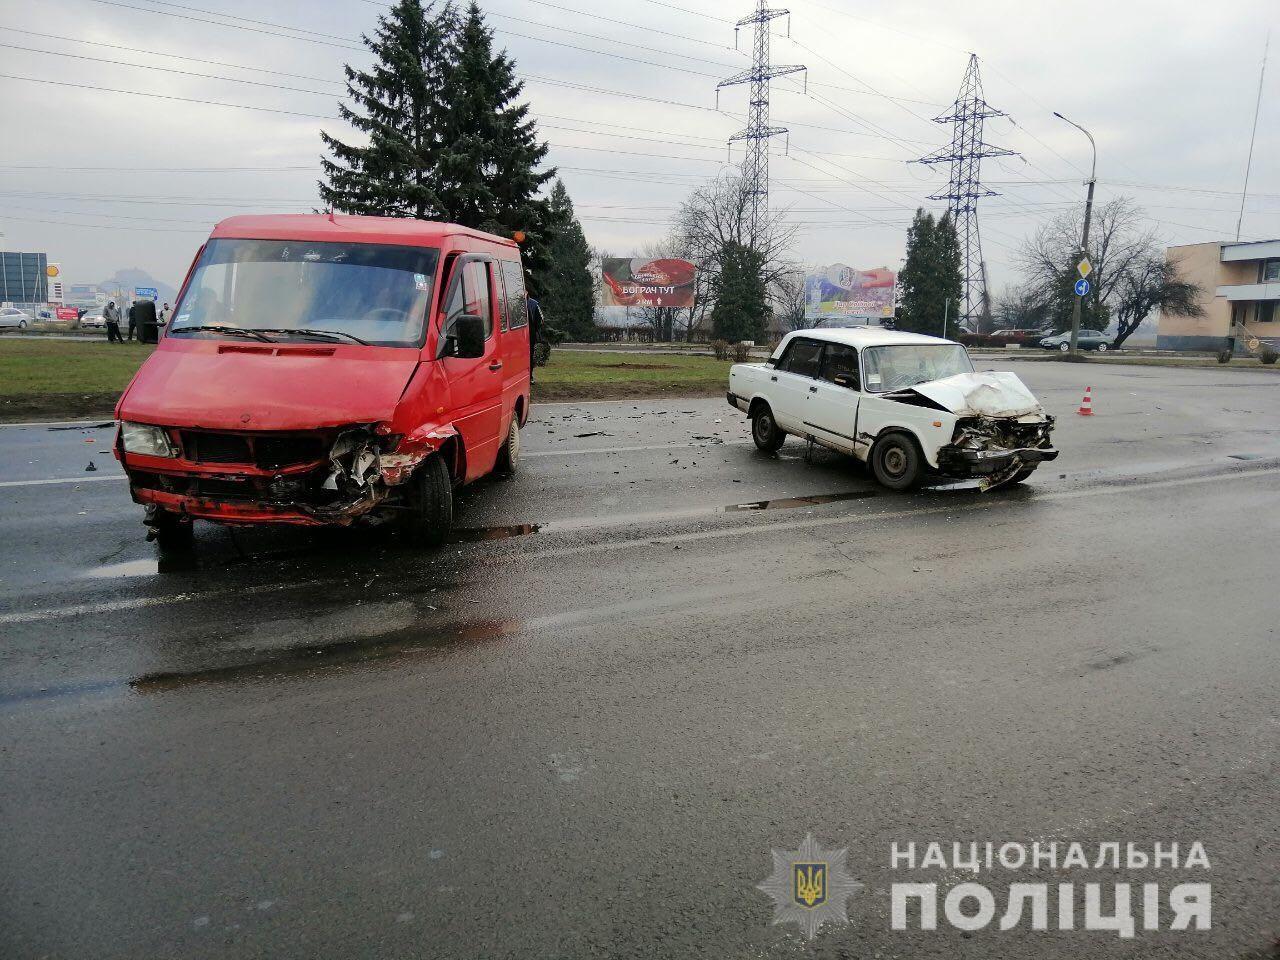 Ранкова аварія у Мукачеві: поліція розповіла усі подробиці